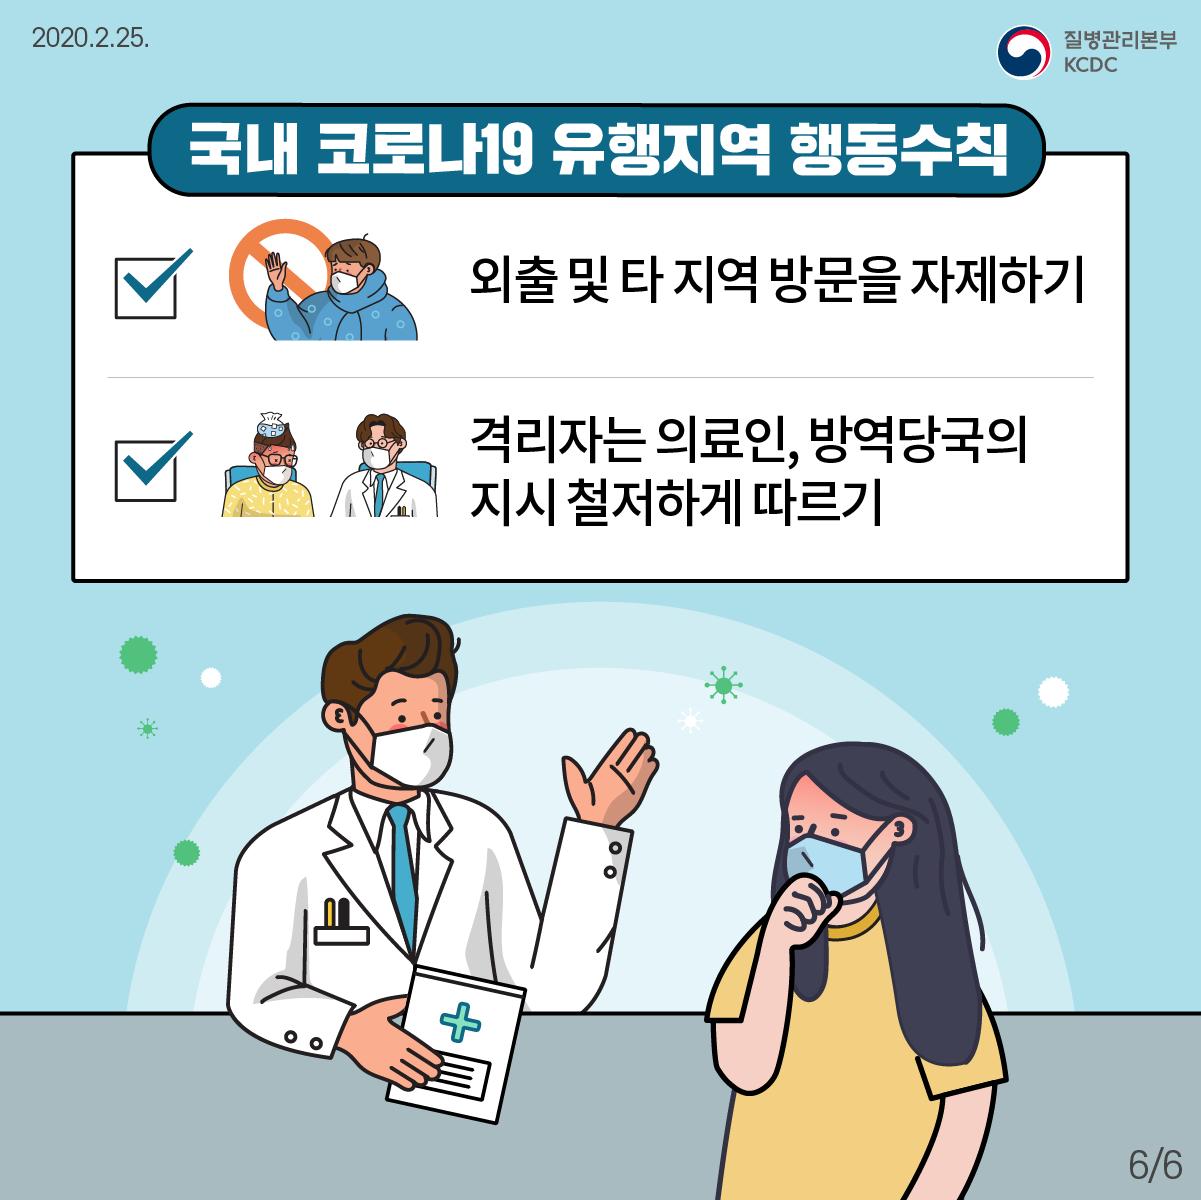 200225_국민예방행동수칙(카드뉴스)_6.png